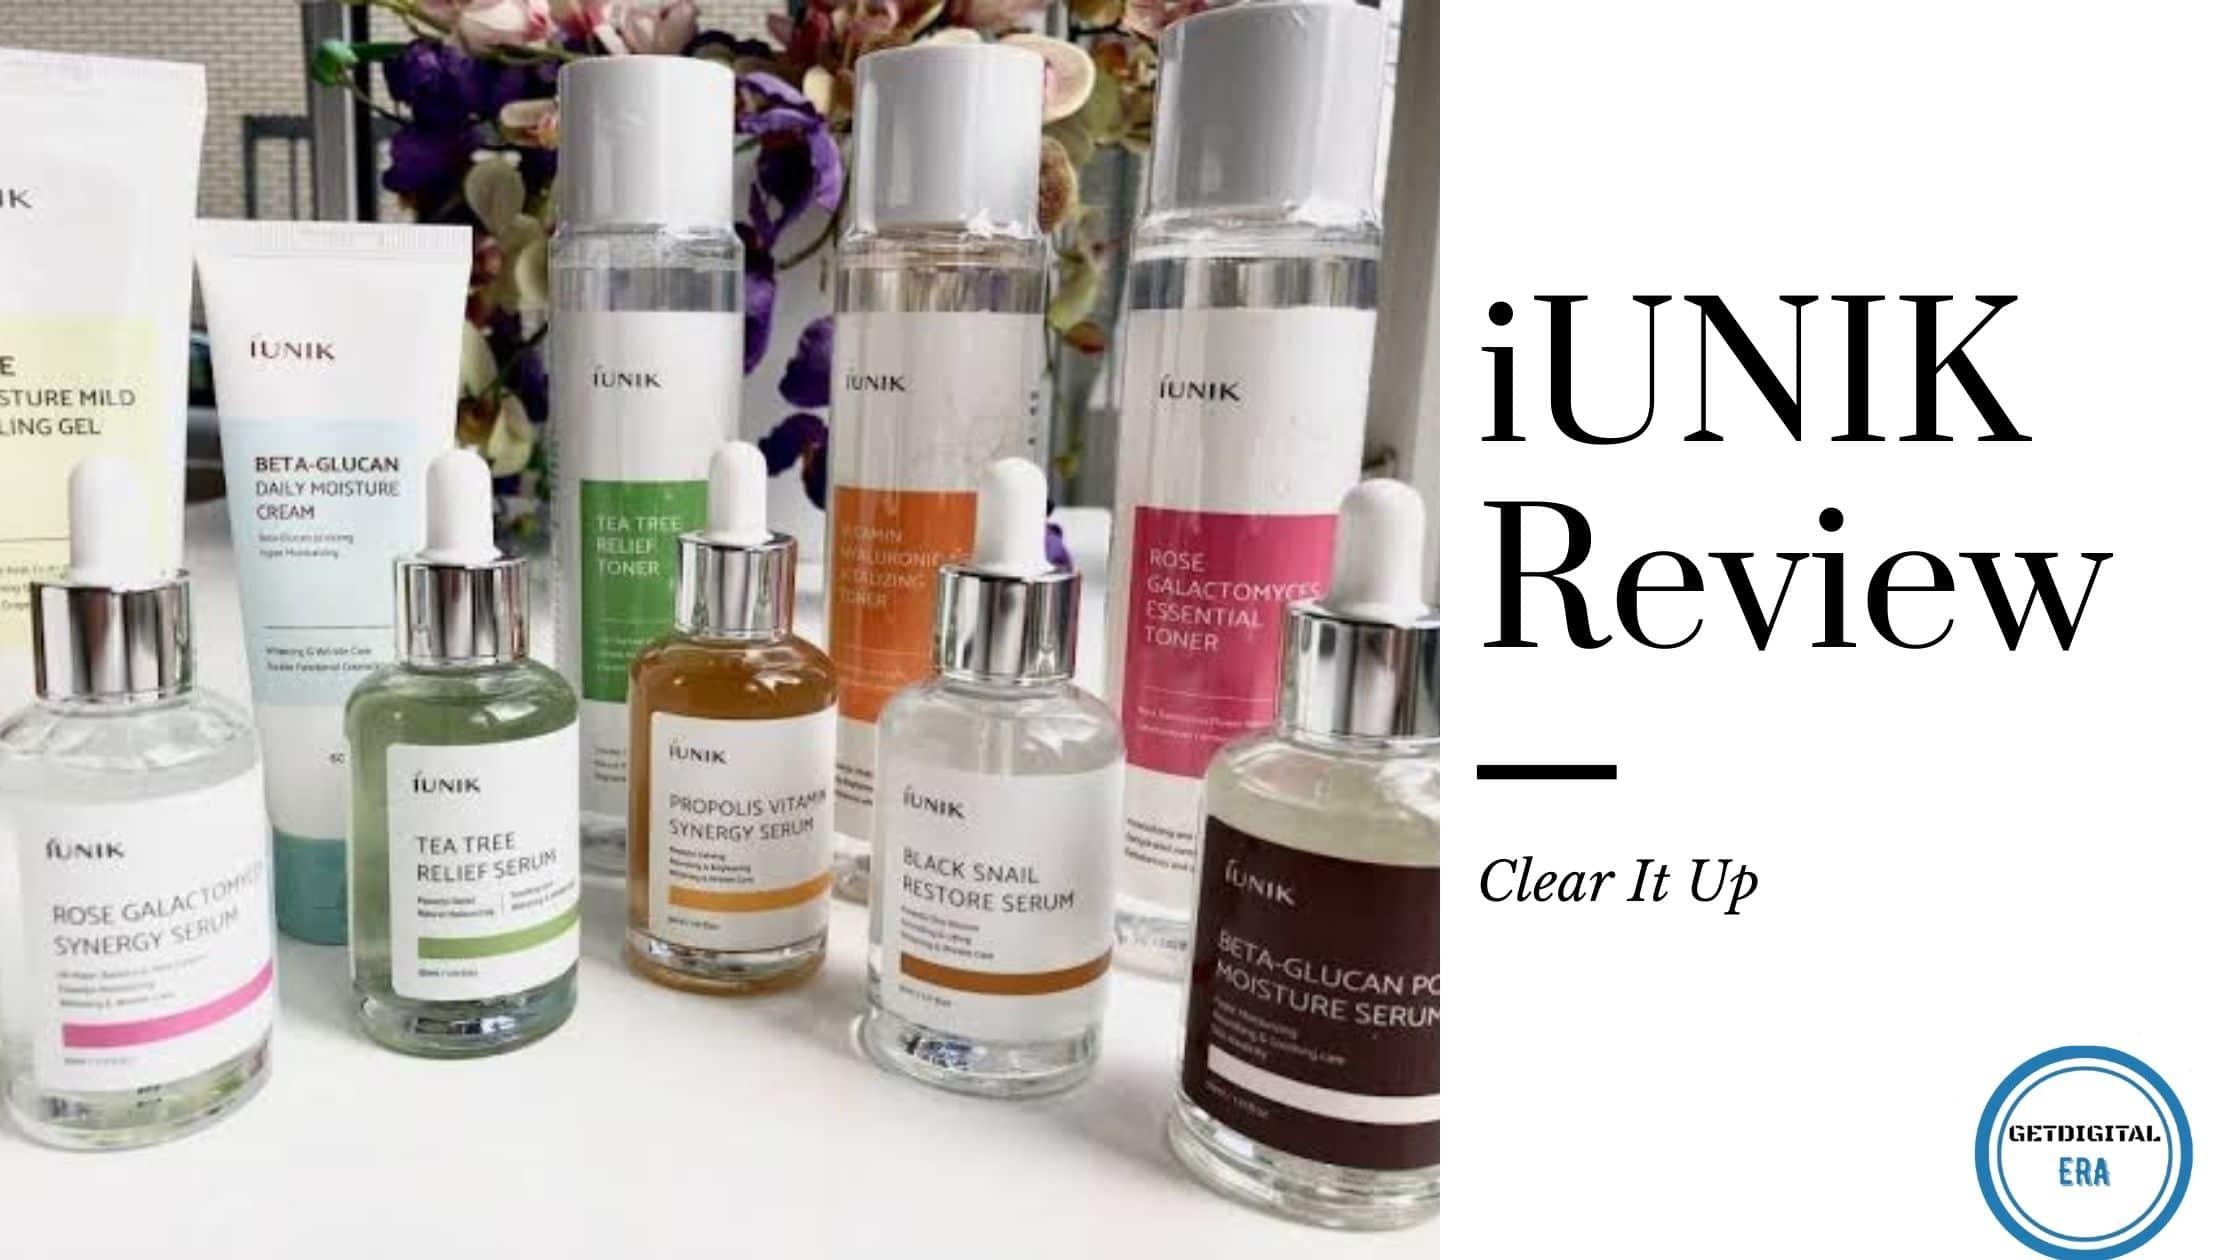 iUNIK Review